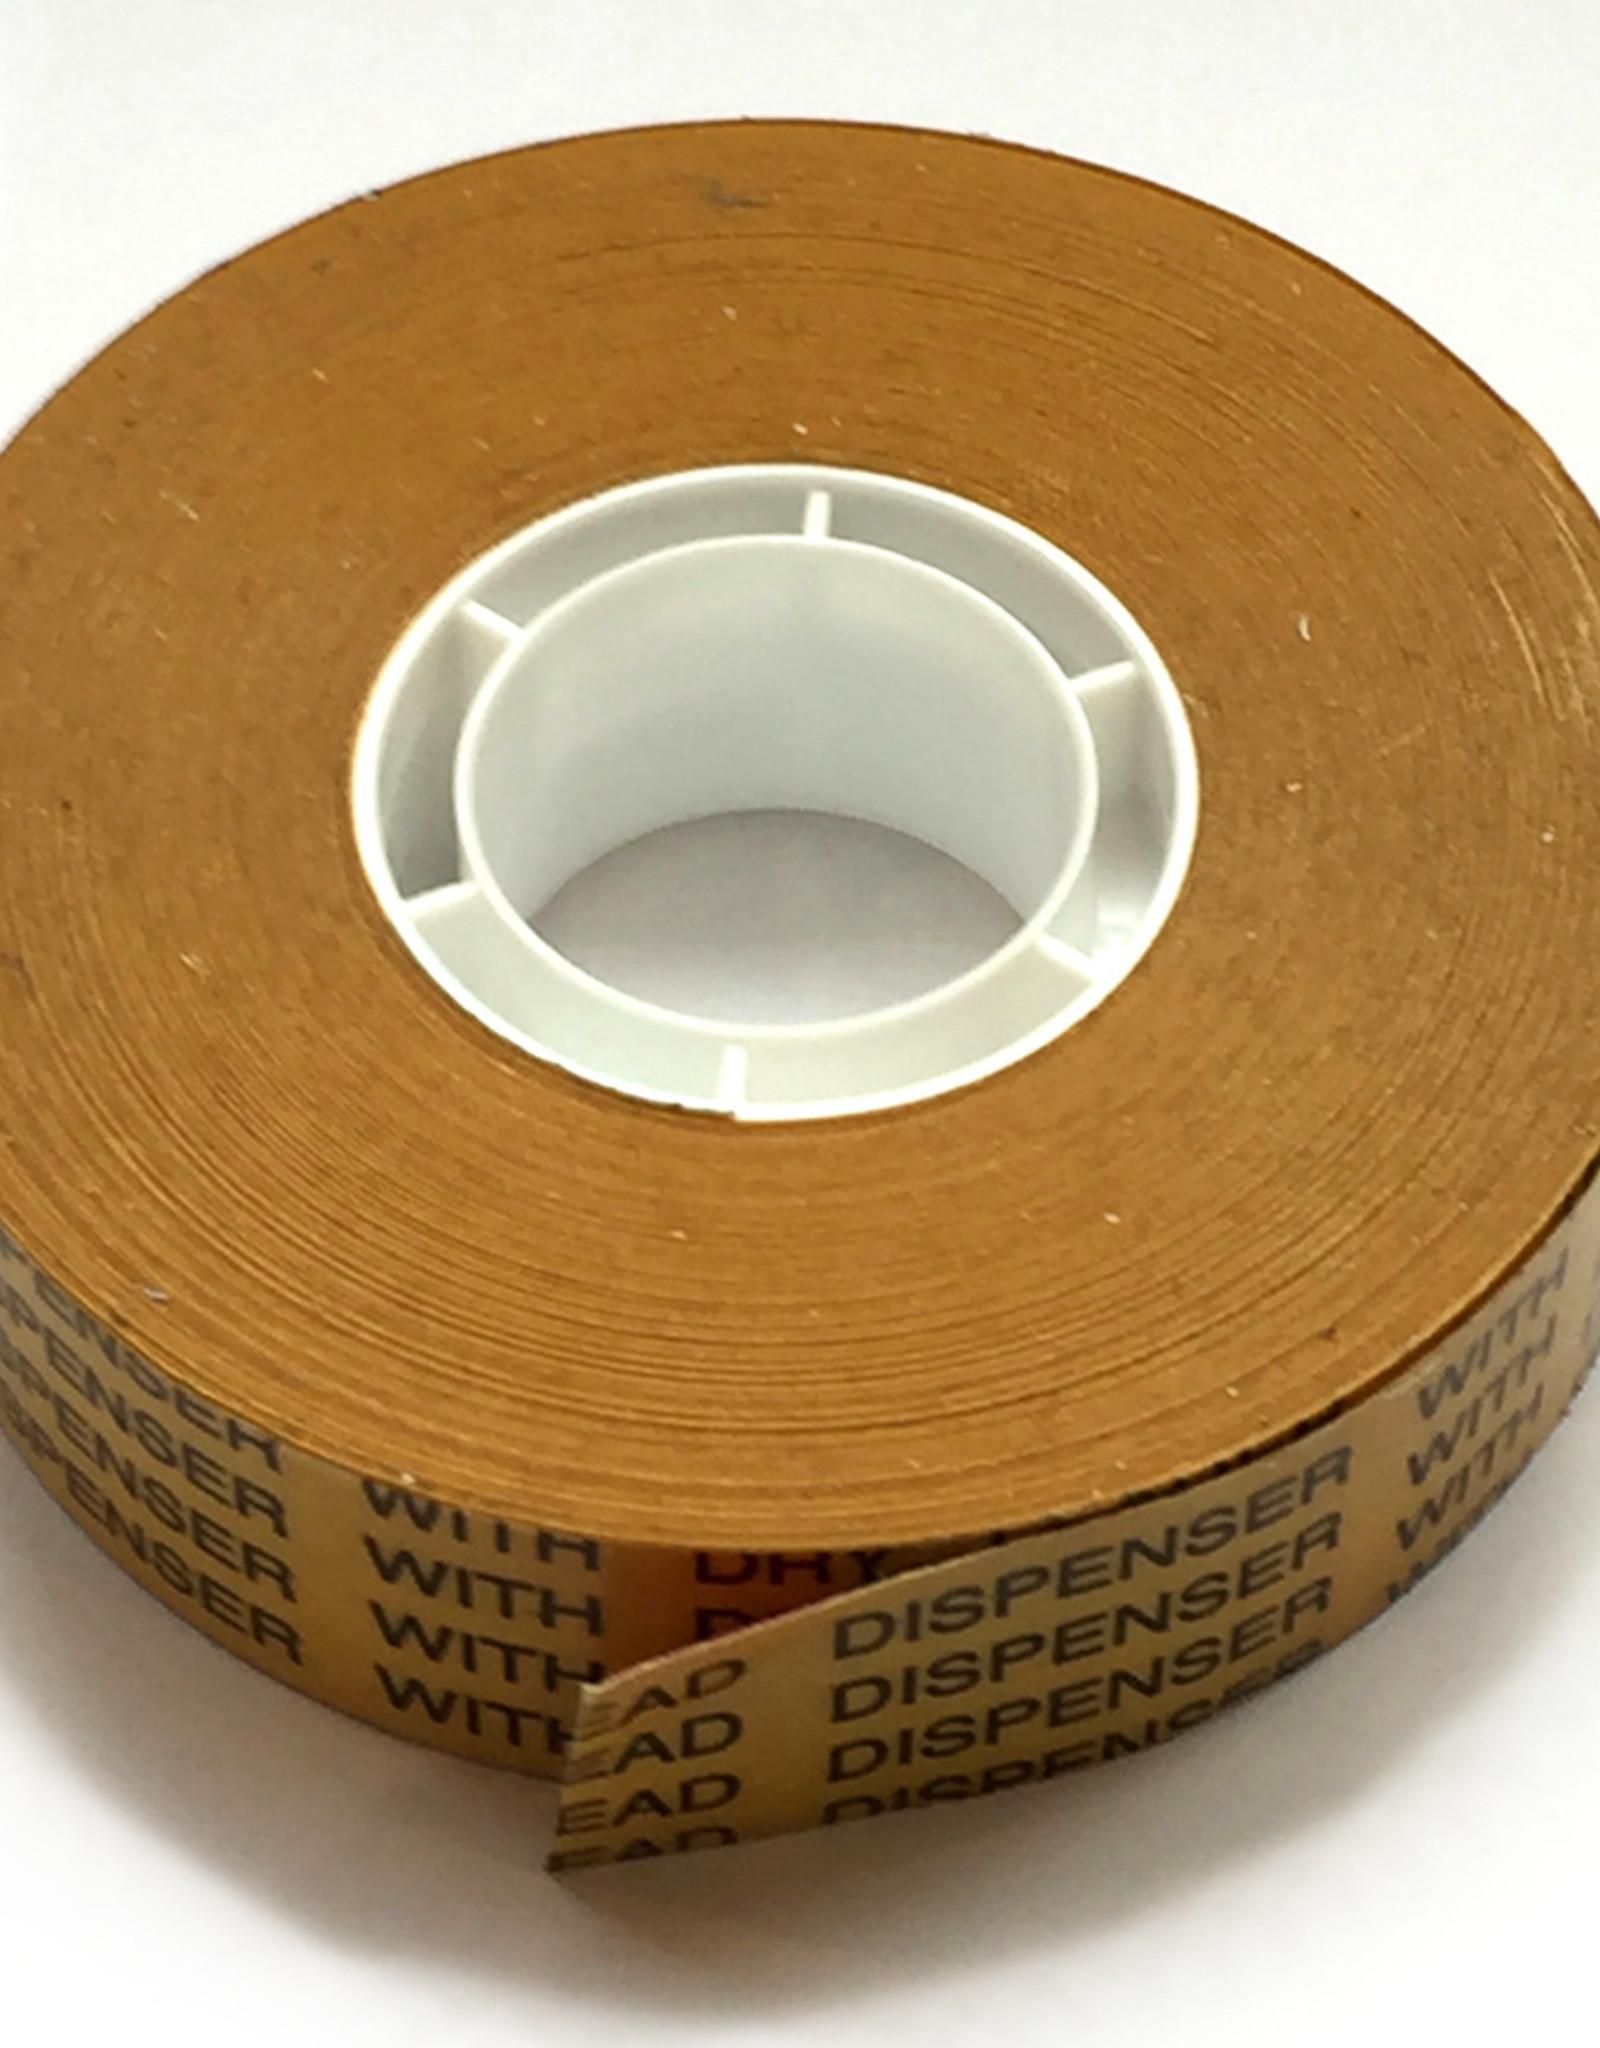 Deze tape past in de bijbehorende dispenser en maakt het aanbrengen van dubbelzijdig dispensertape van 19mm x 33 meter een stuk gemakkelijker